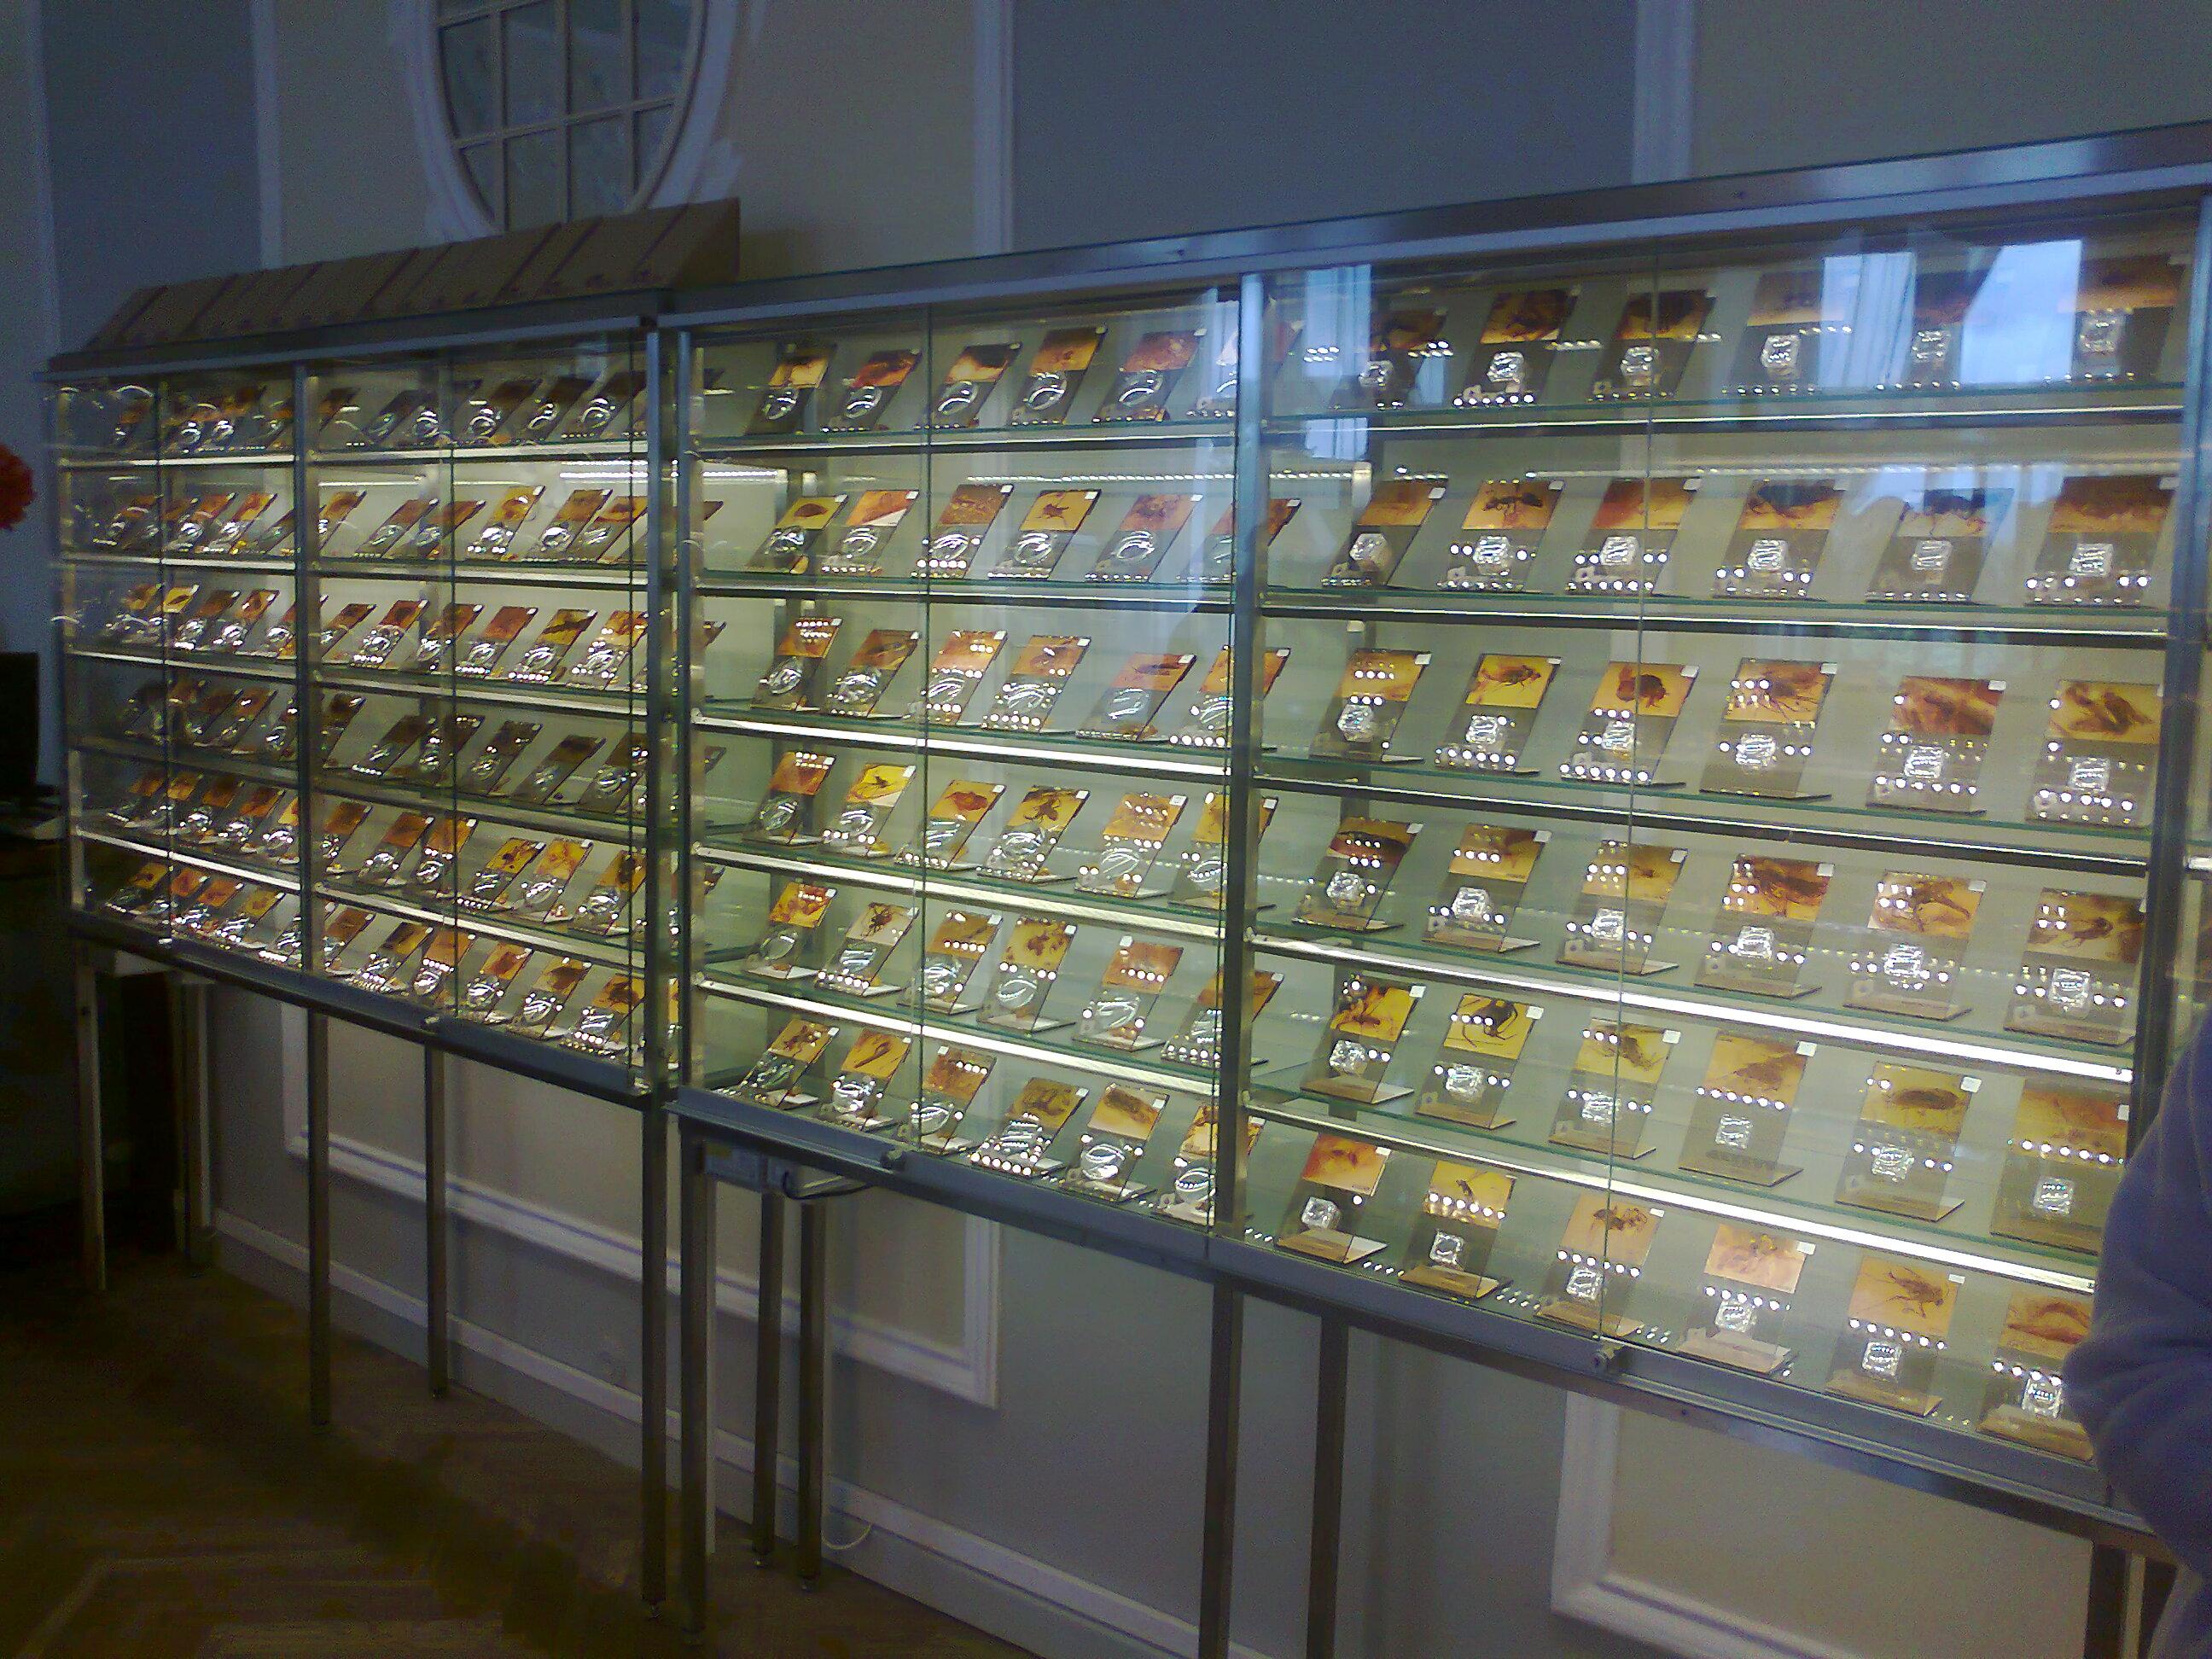 Privačioje muziejuje įsukūrusioje suvenyrų paruotuvėje gintaras eksponuojamas graziau ir išradingiau